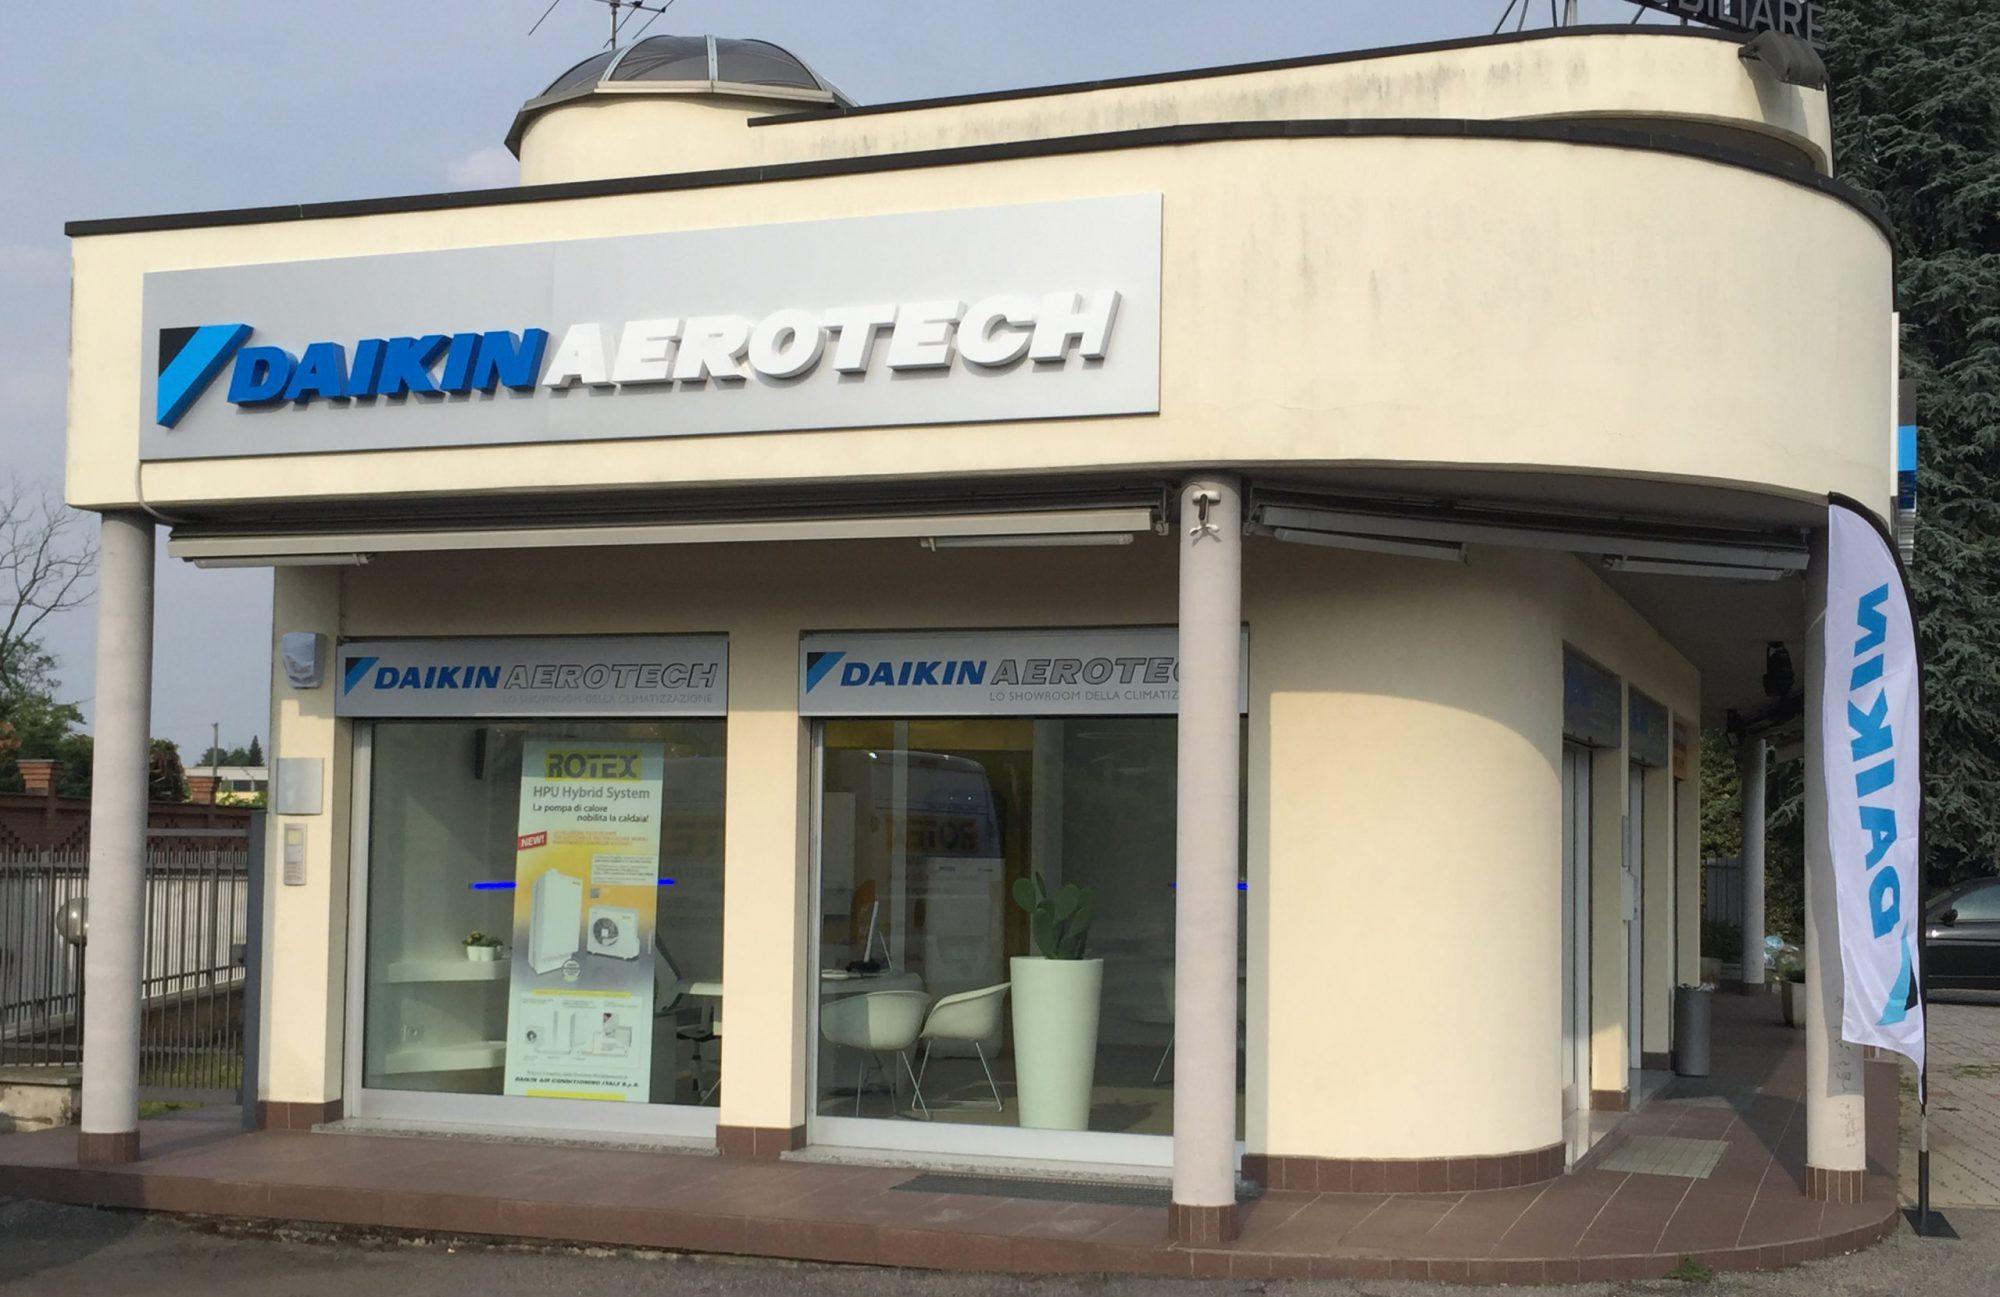 Daikin Aerotech Saronno